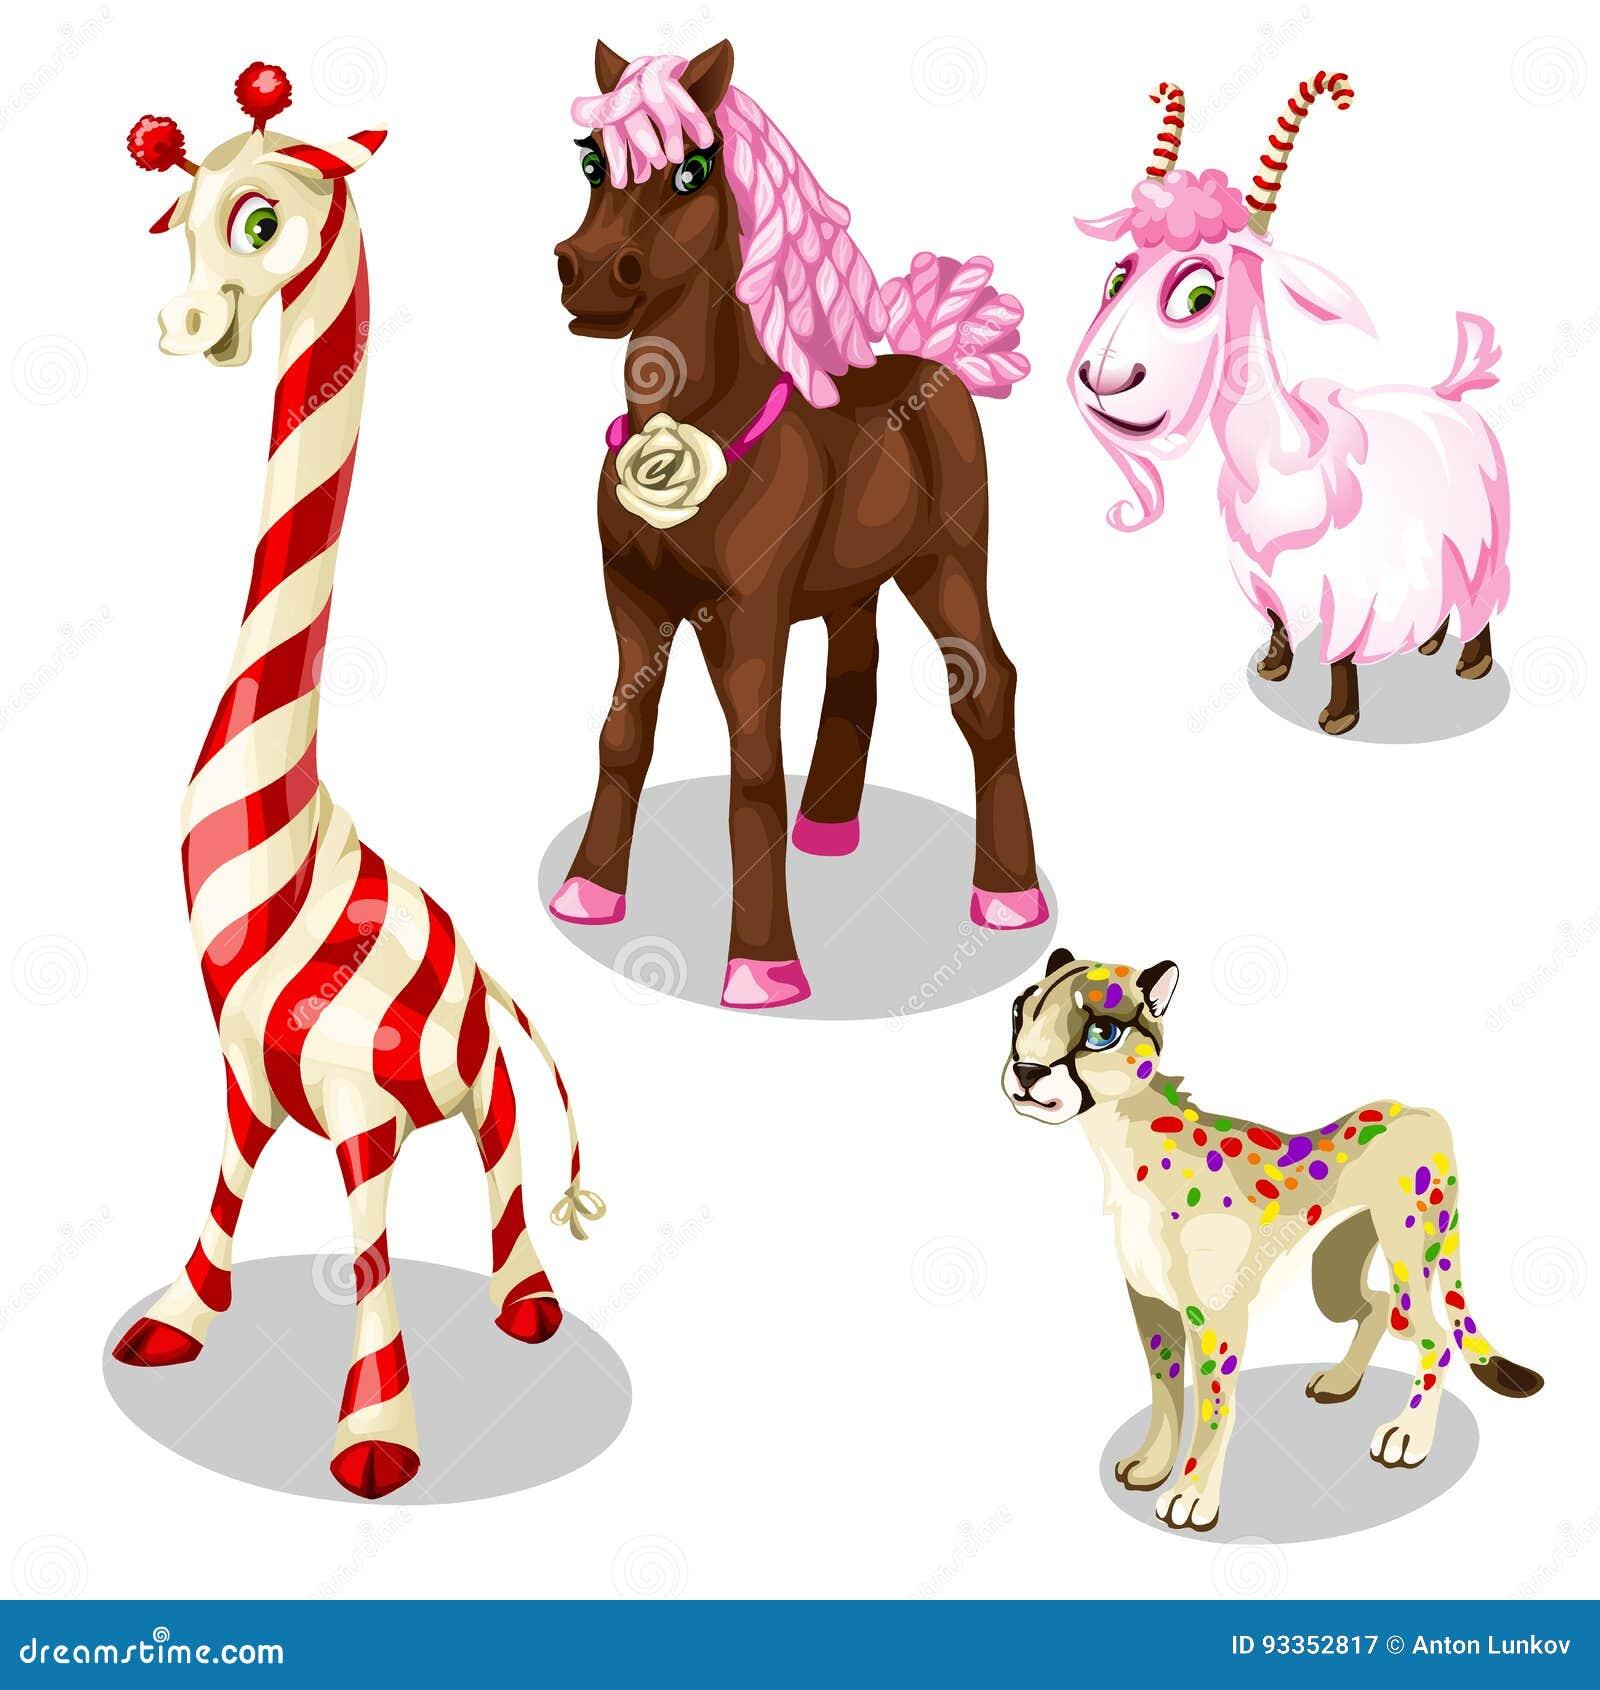 Cavallo stilizzato puma capra giraffa sotto i dolci for Cavallo stilizzato